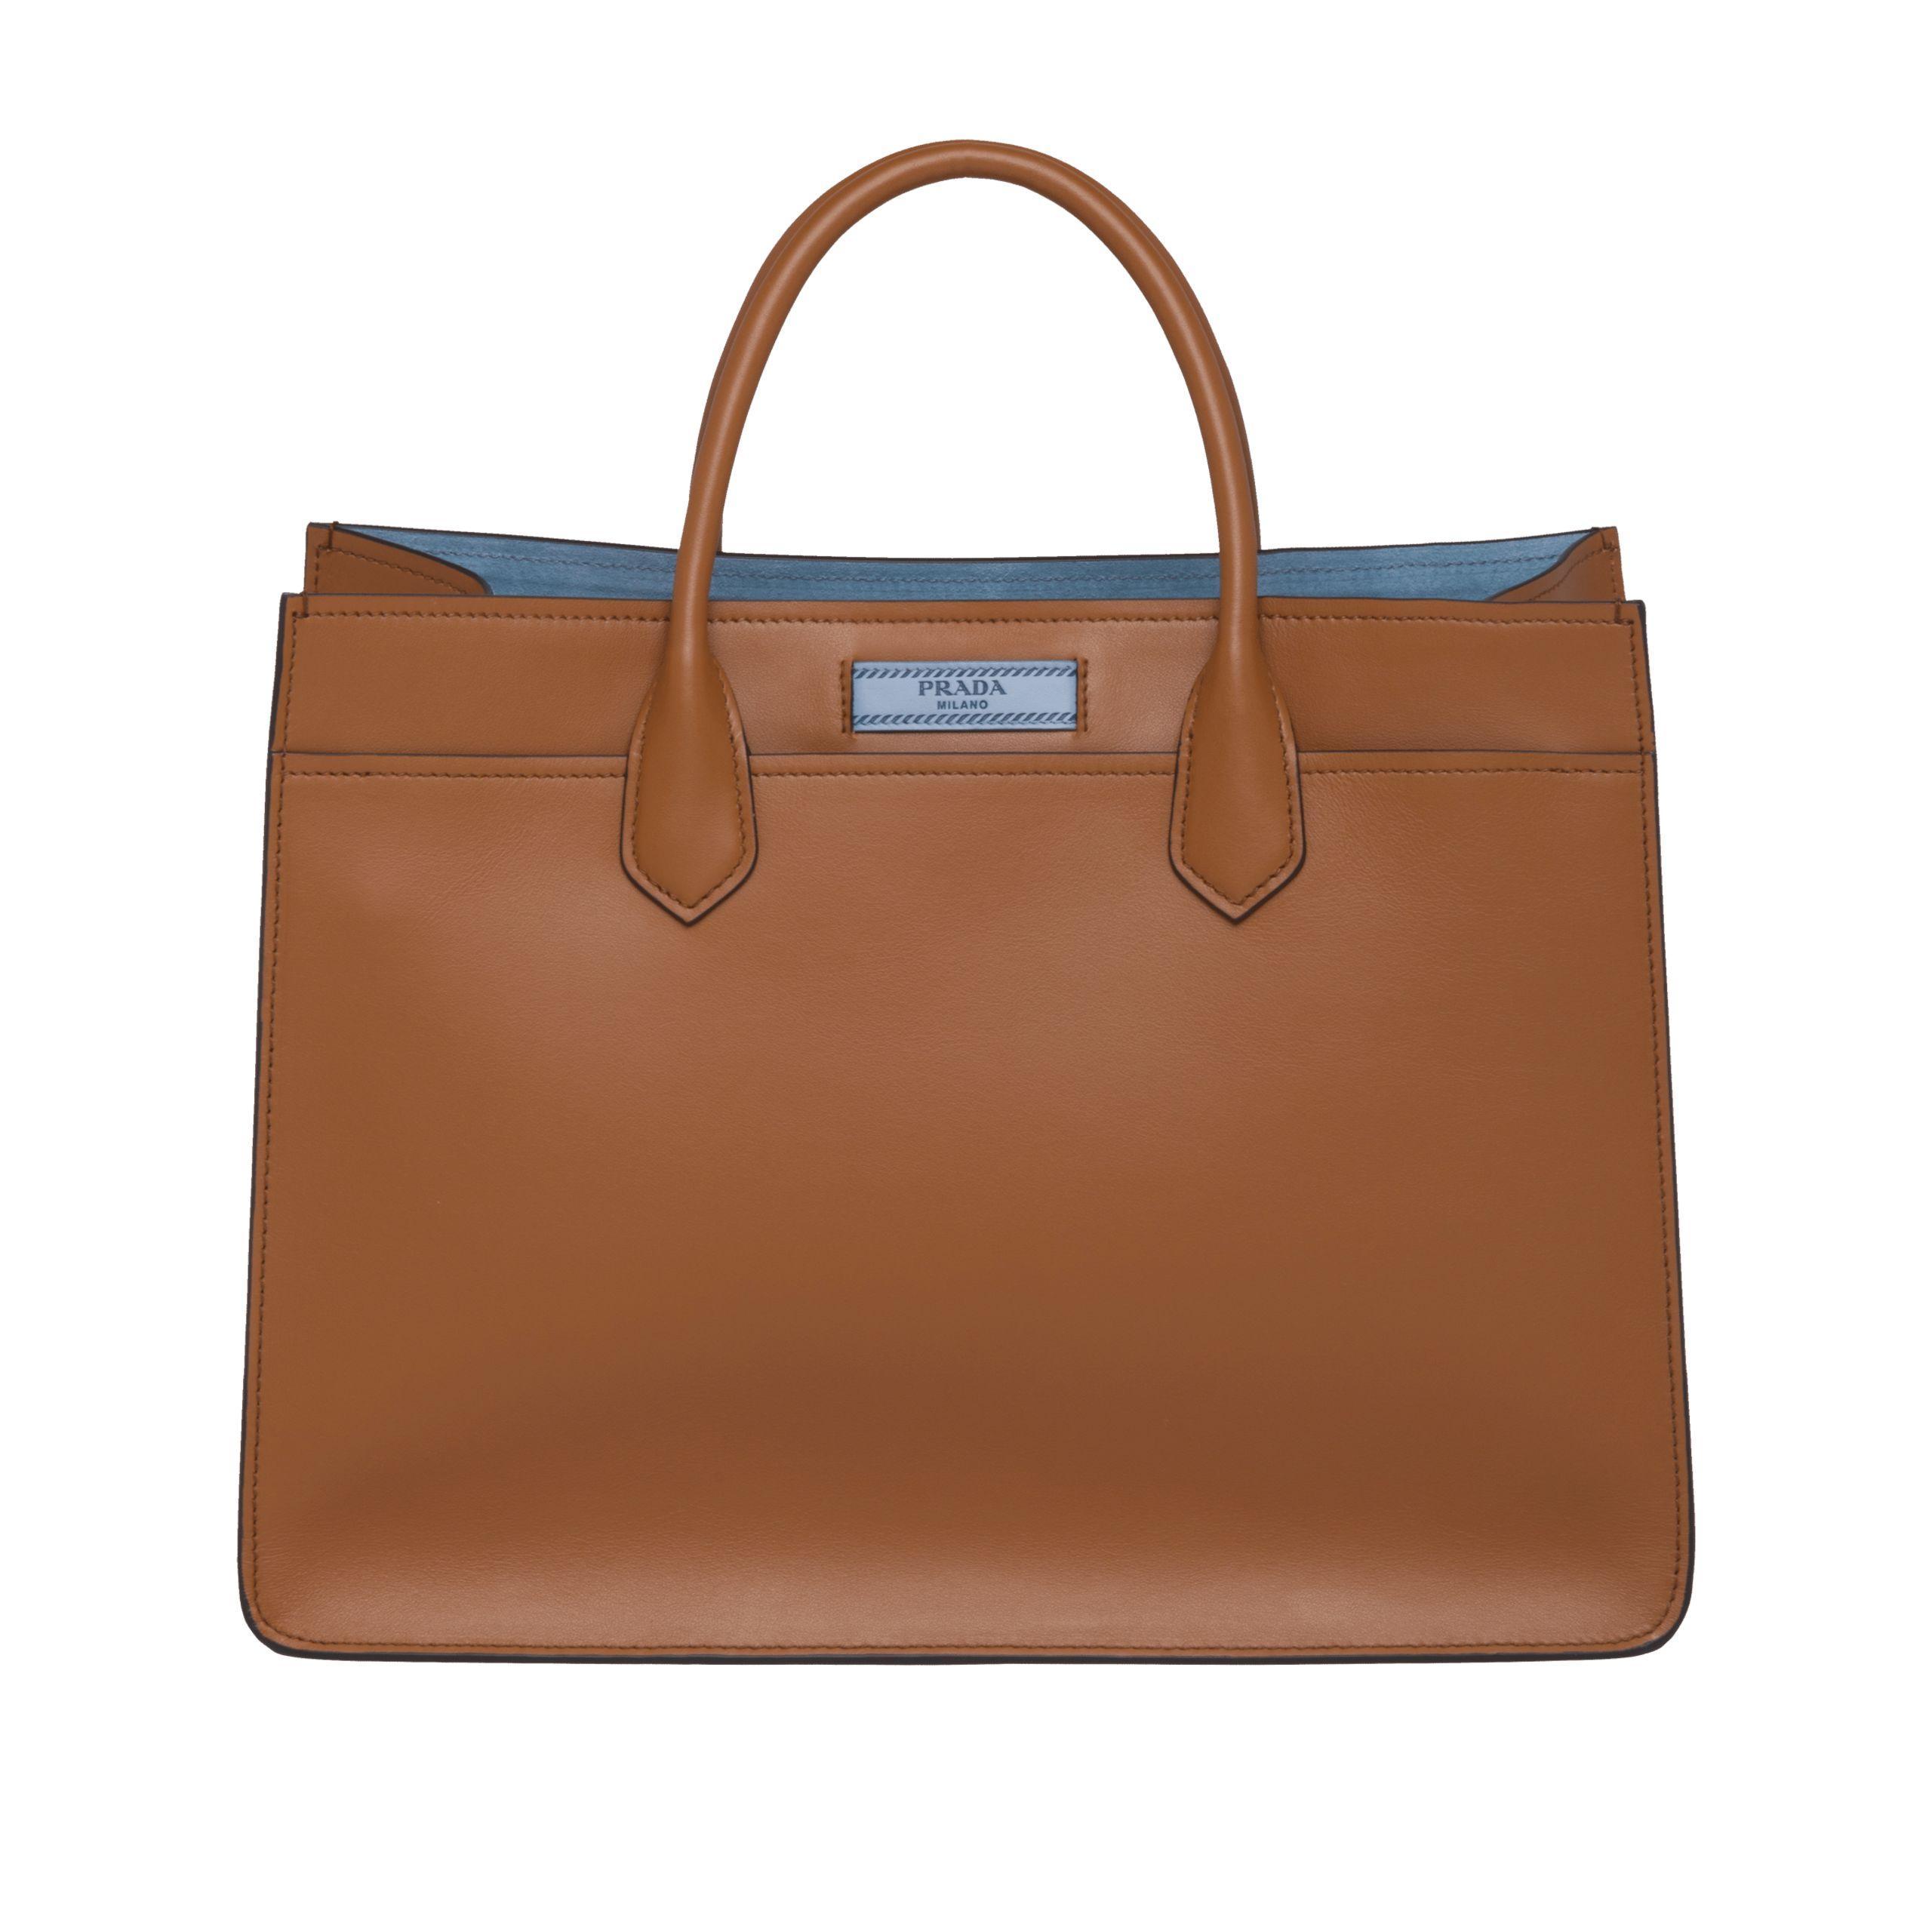 30c06fb0be4f Lyst - Prada Dual Leather Bag in Brown